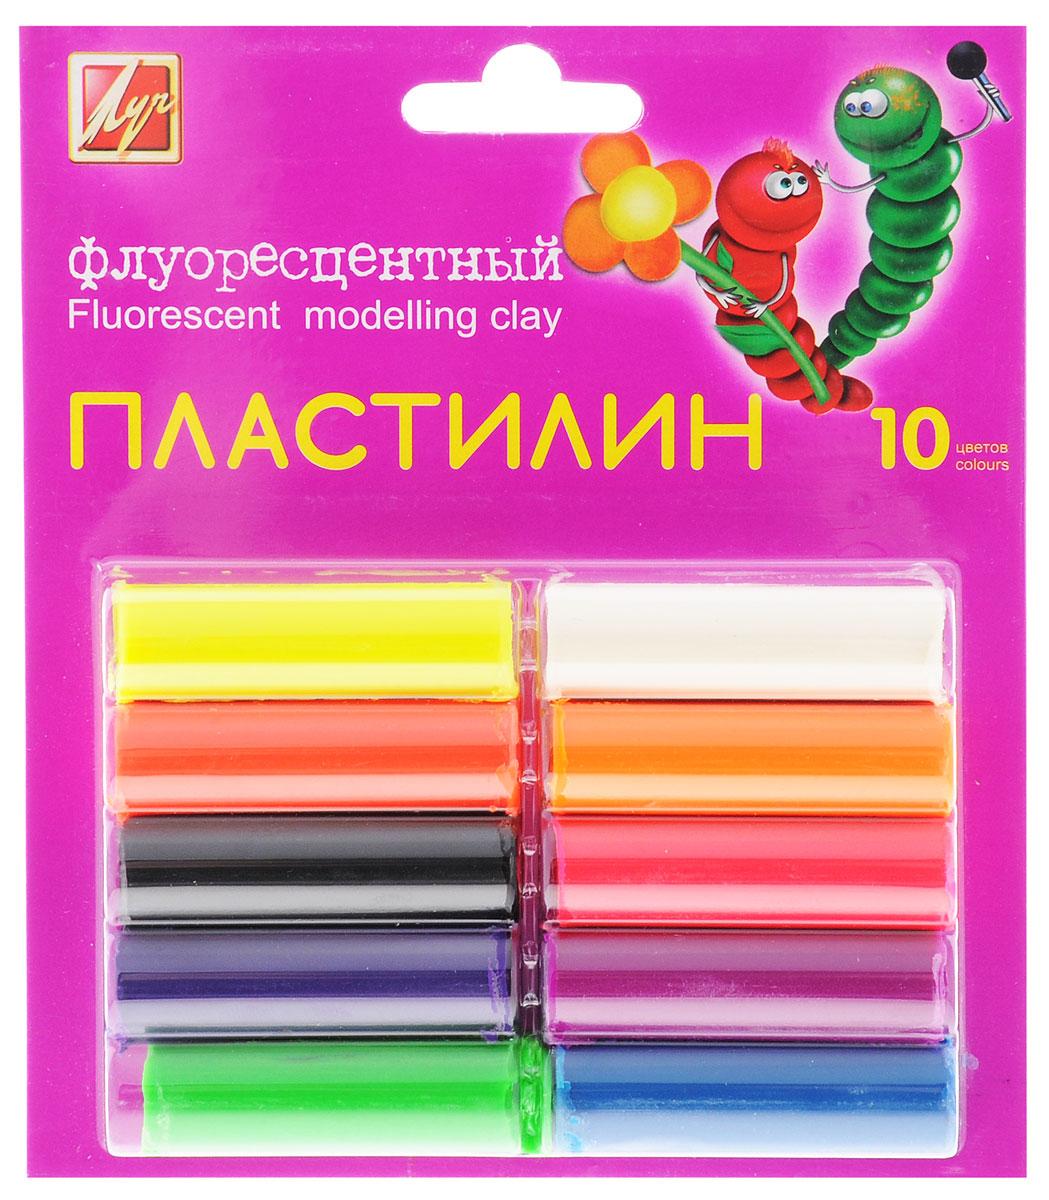 Луч Пластилин флуоресцентный 10 цветовC05056Цветной флуоресцентный пластилин Луч, предназначенный для лепки и моделирования, поможет ребенку развить творческие способности, воображение и мелкую моторику рук. Пластилин легко формуется, не прилипает к рукам, высоко пластичен, имеет яркие цвета. Пластилин безопасен для здоровья при использовании по назначению.В наборе 10 цветов.